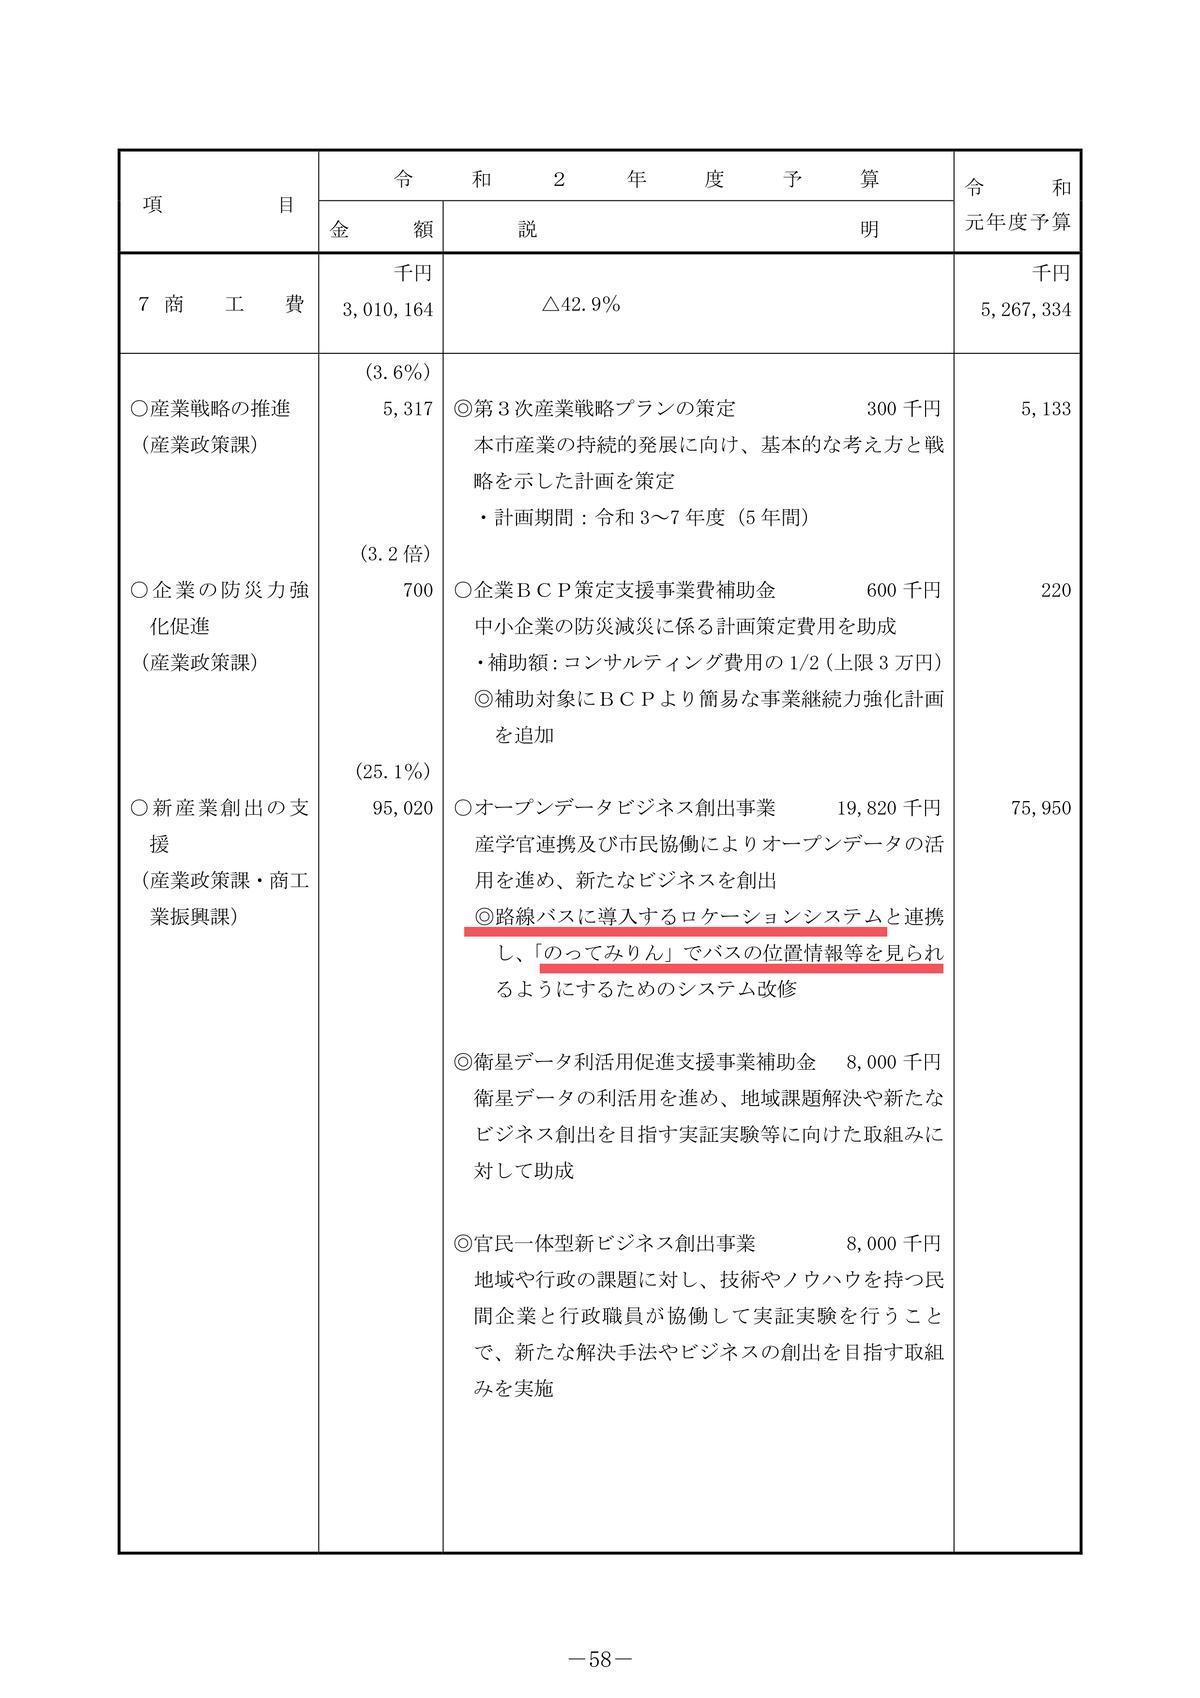 200218_yosangaiyo_058s